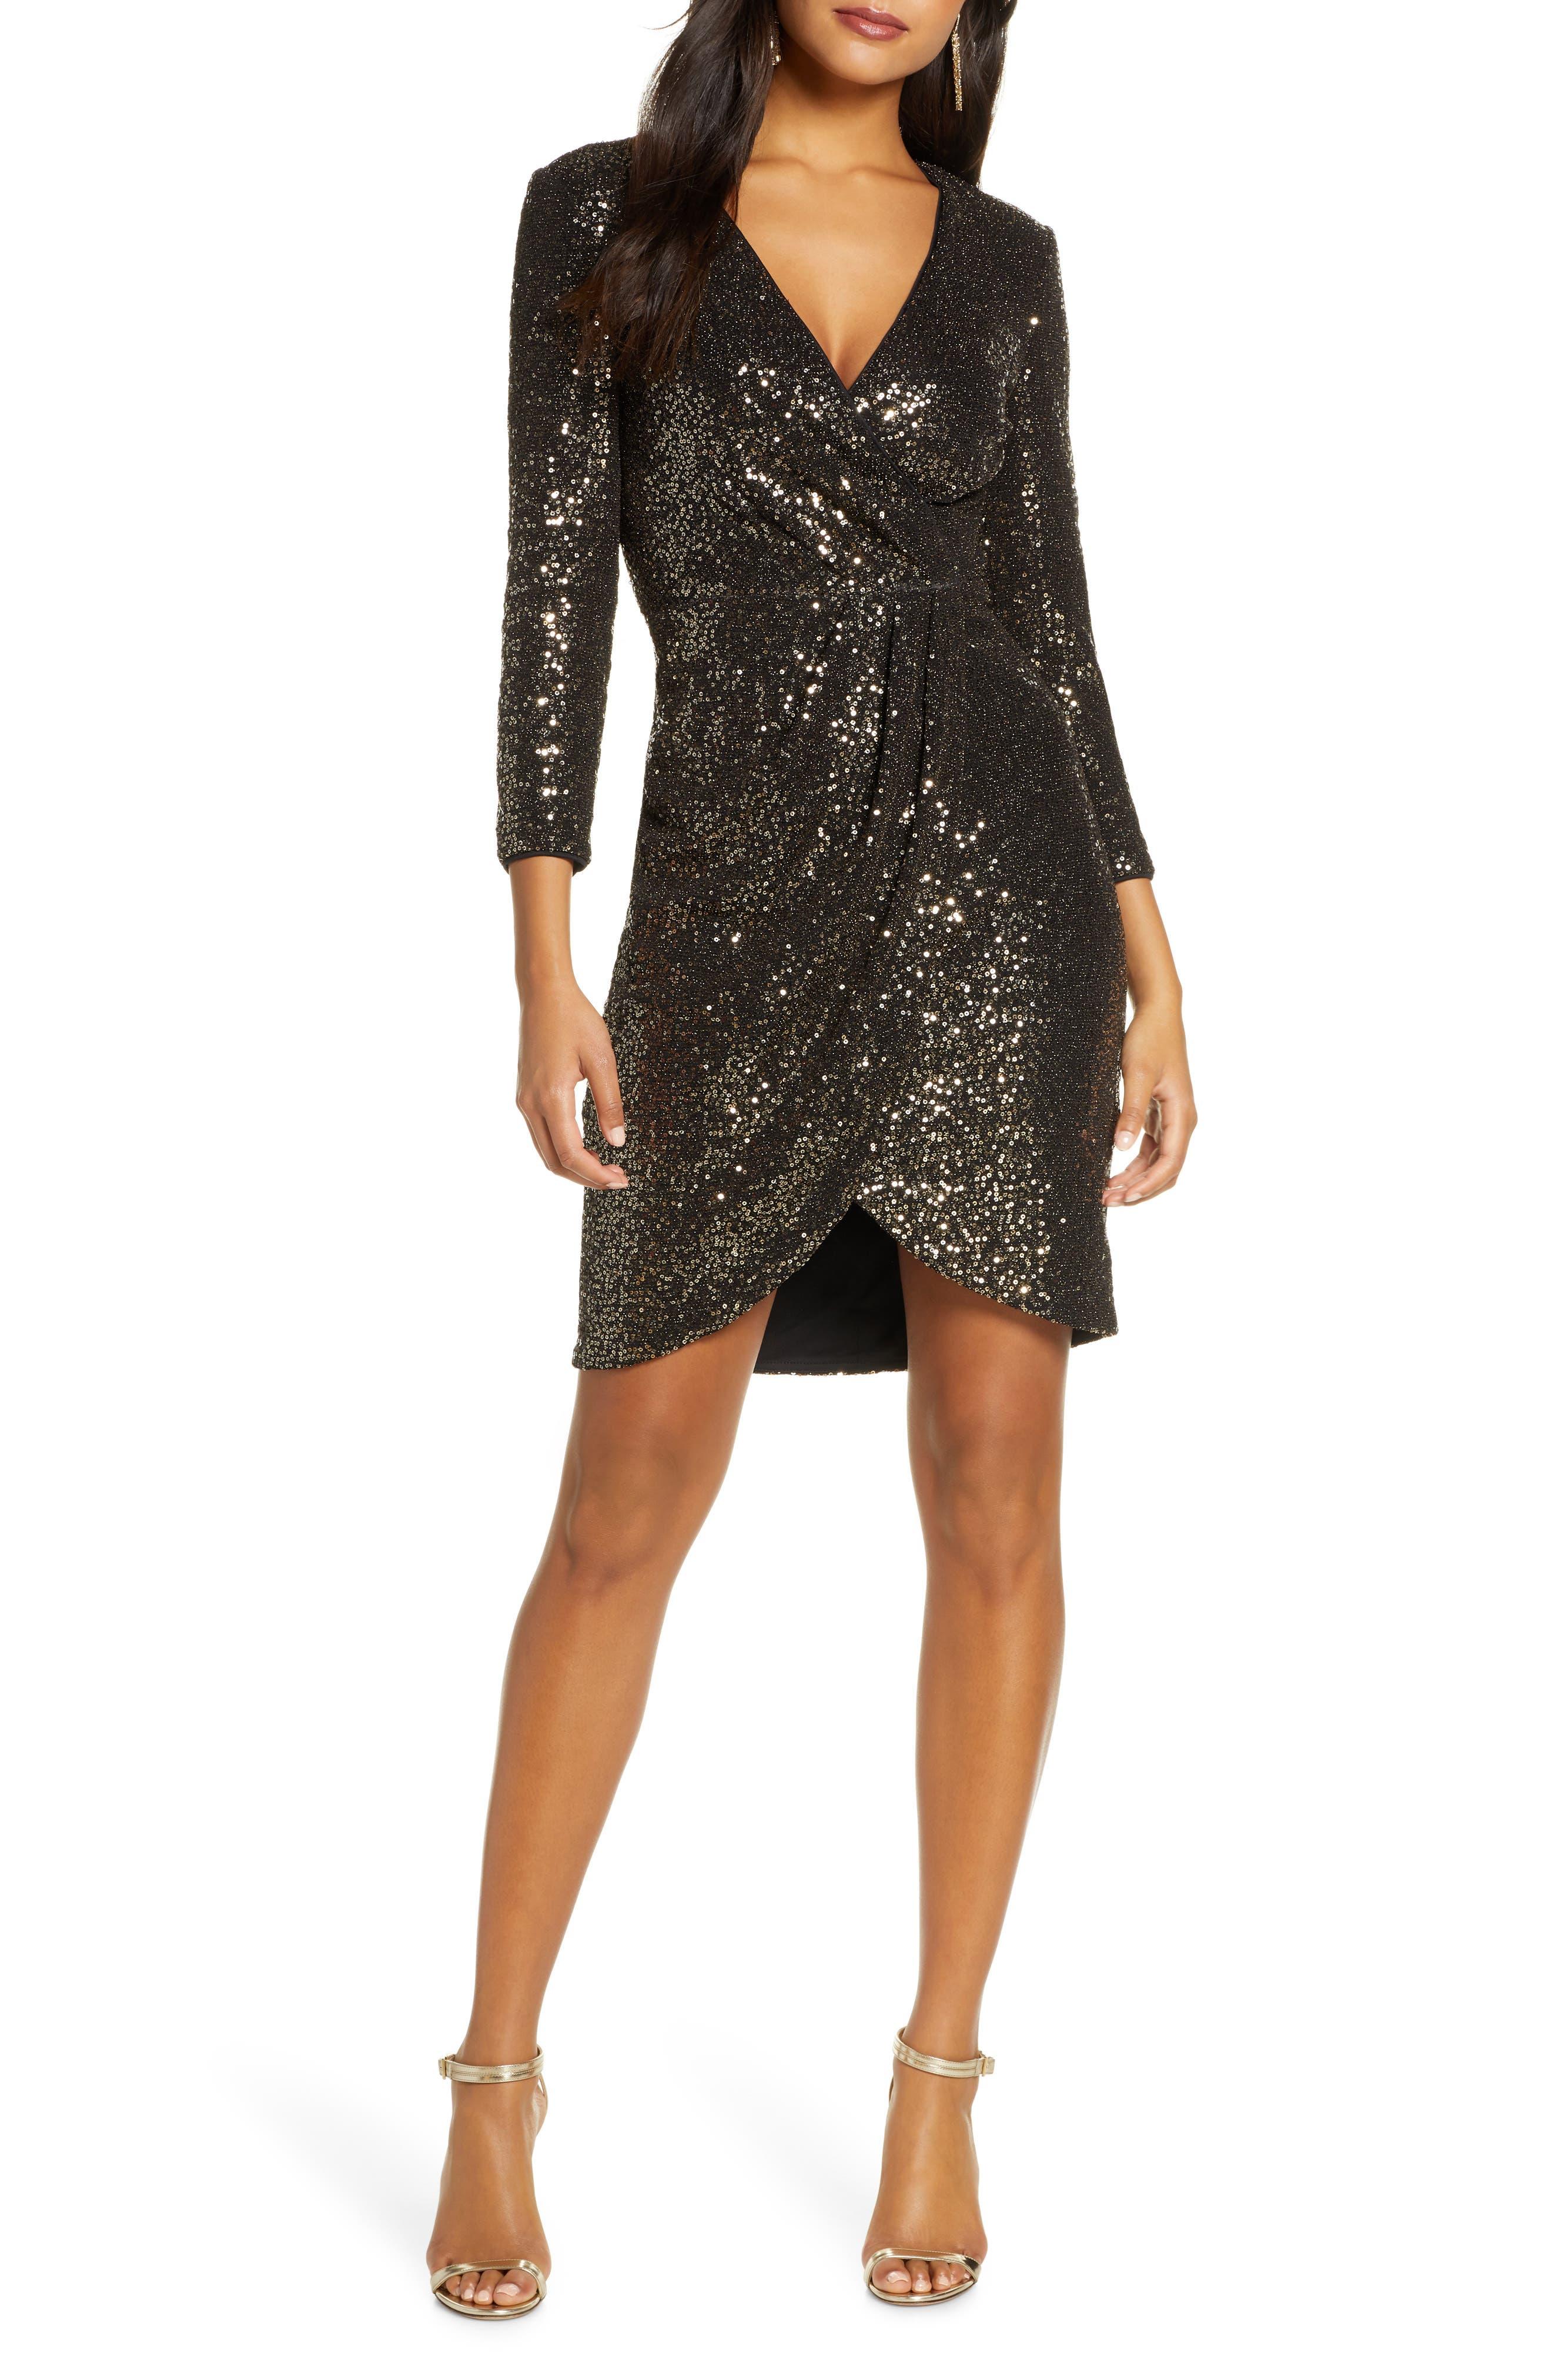 70s Dresses – Disco Dress, Hippie Dress, Wrap Dress Womens Eliza J Faux Wrap Sequin Cocktail Dress $128.00 AT vintagedancer.com